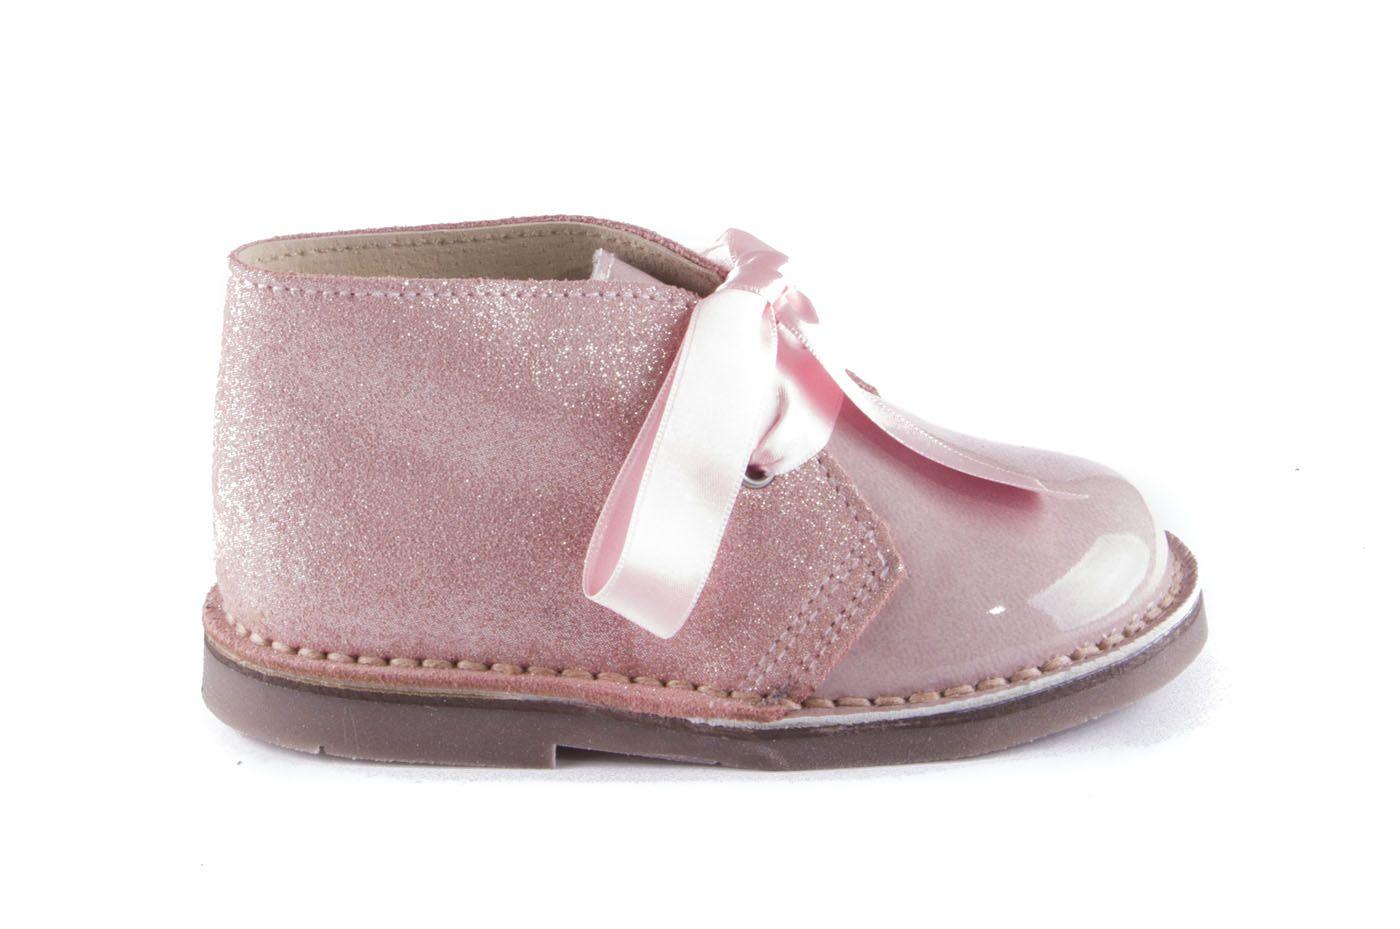 3c69b1c3bb Comprar zapato tipo JOVEN NIÑA estilo BOTAS COLOR ROSA CHAROL